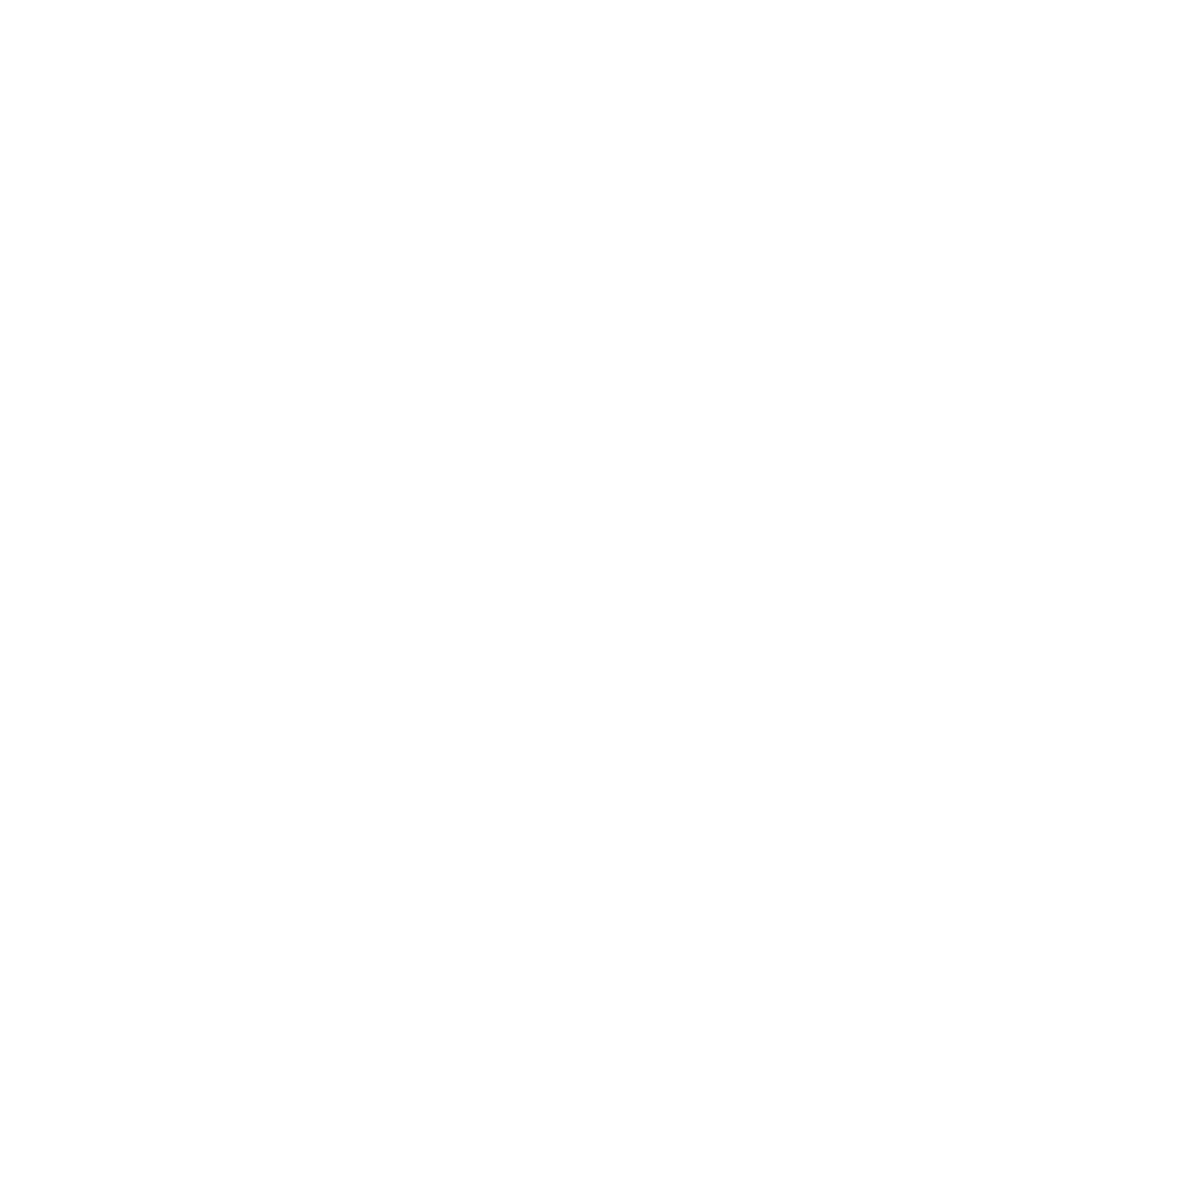 icona-servizio.svg